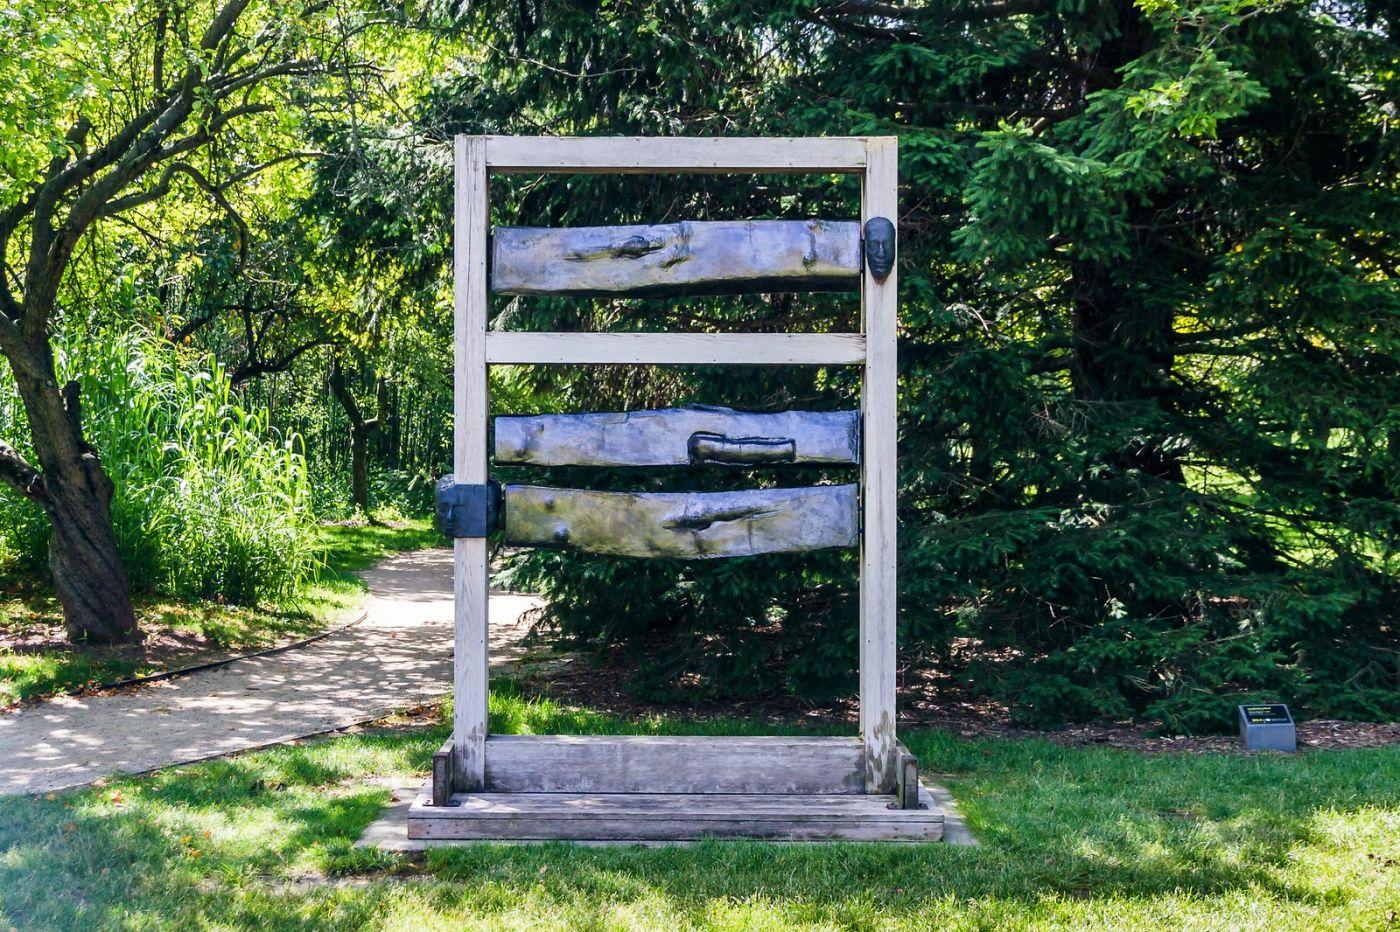 新泽西州雕塑公园(Grounds for scuplture),题材很广_图1-7